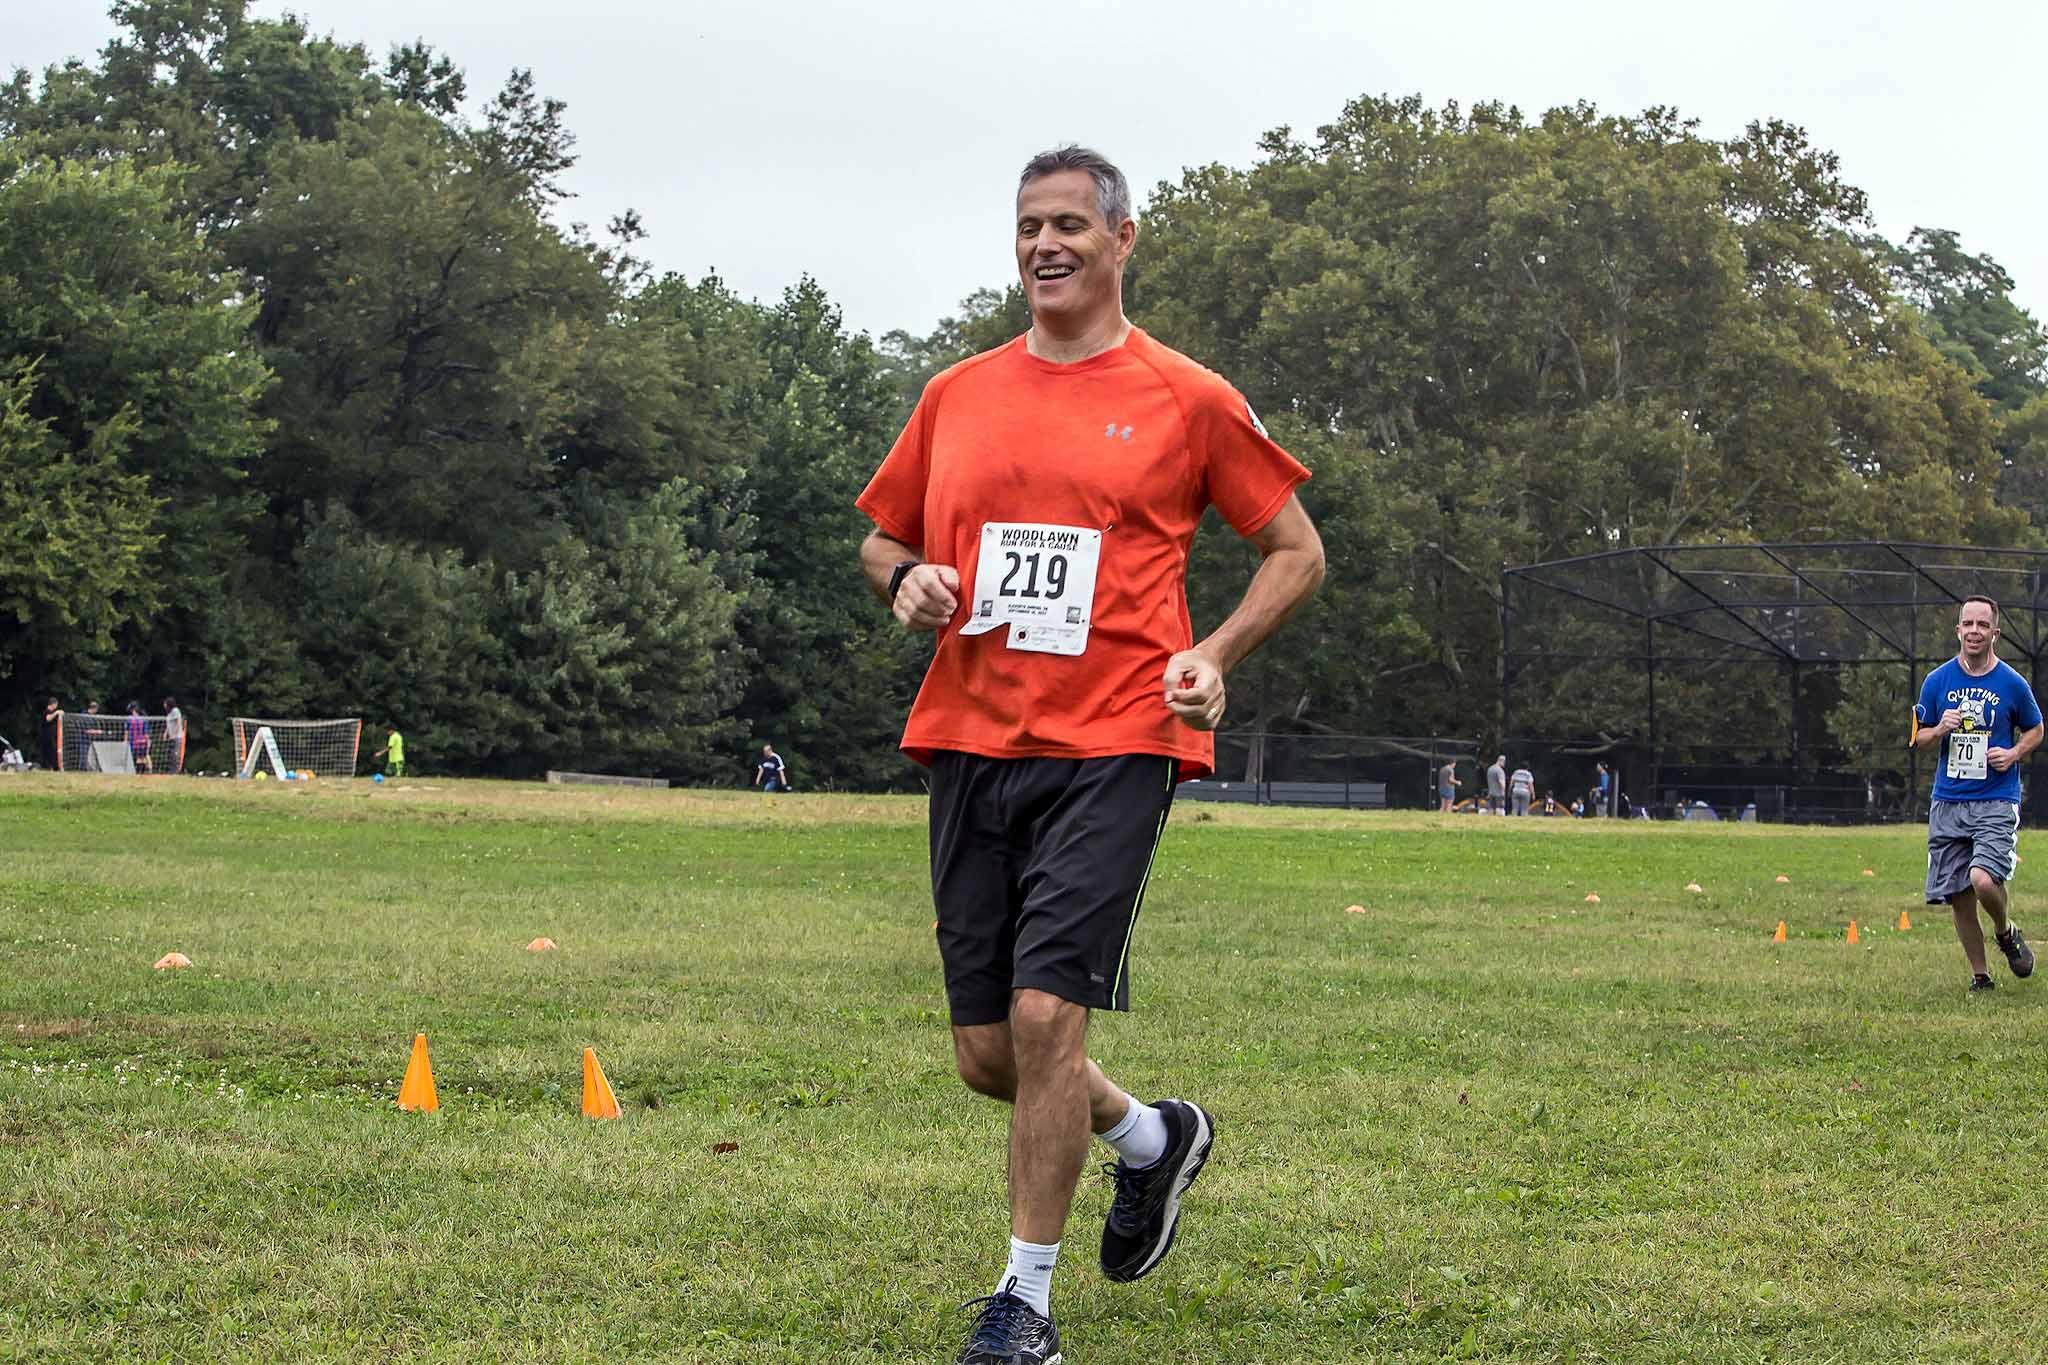 127-Woodlawn Run for a Cause-317.jpg